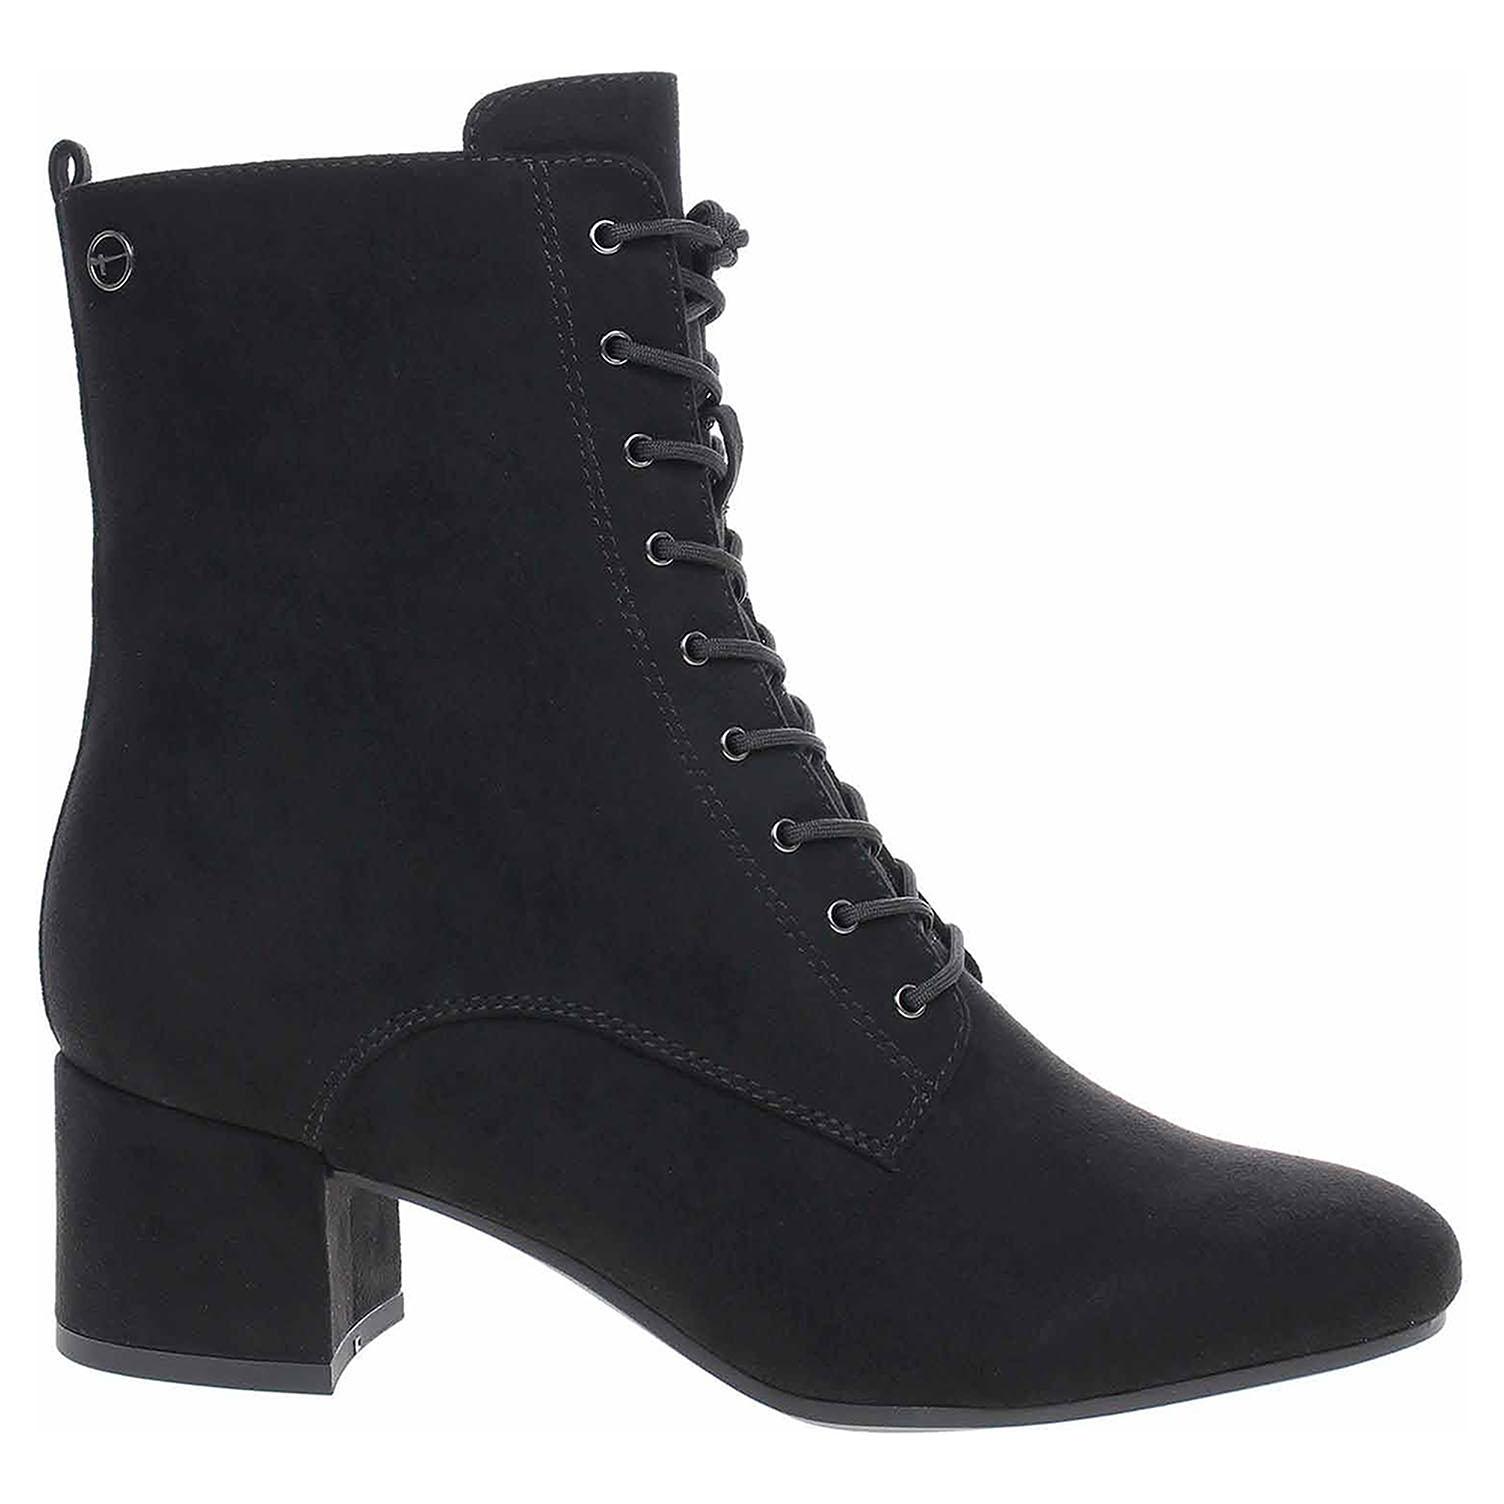 Tamaris dámská kotníková obuv 1-25102-25 black 1-1-25102-25 001 39